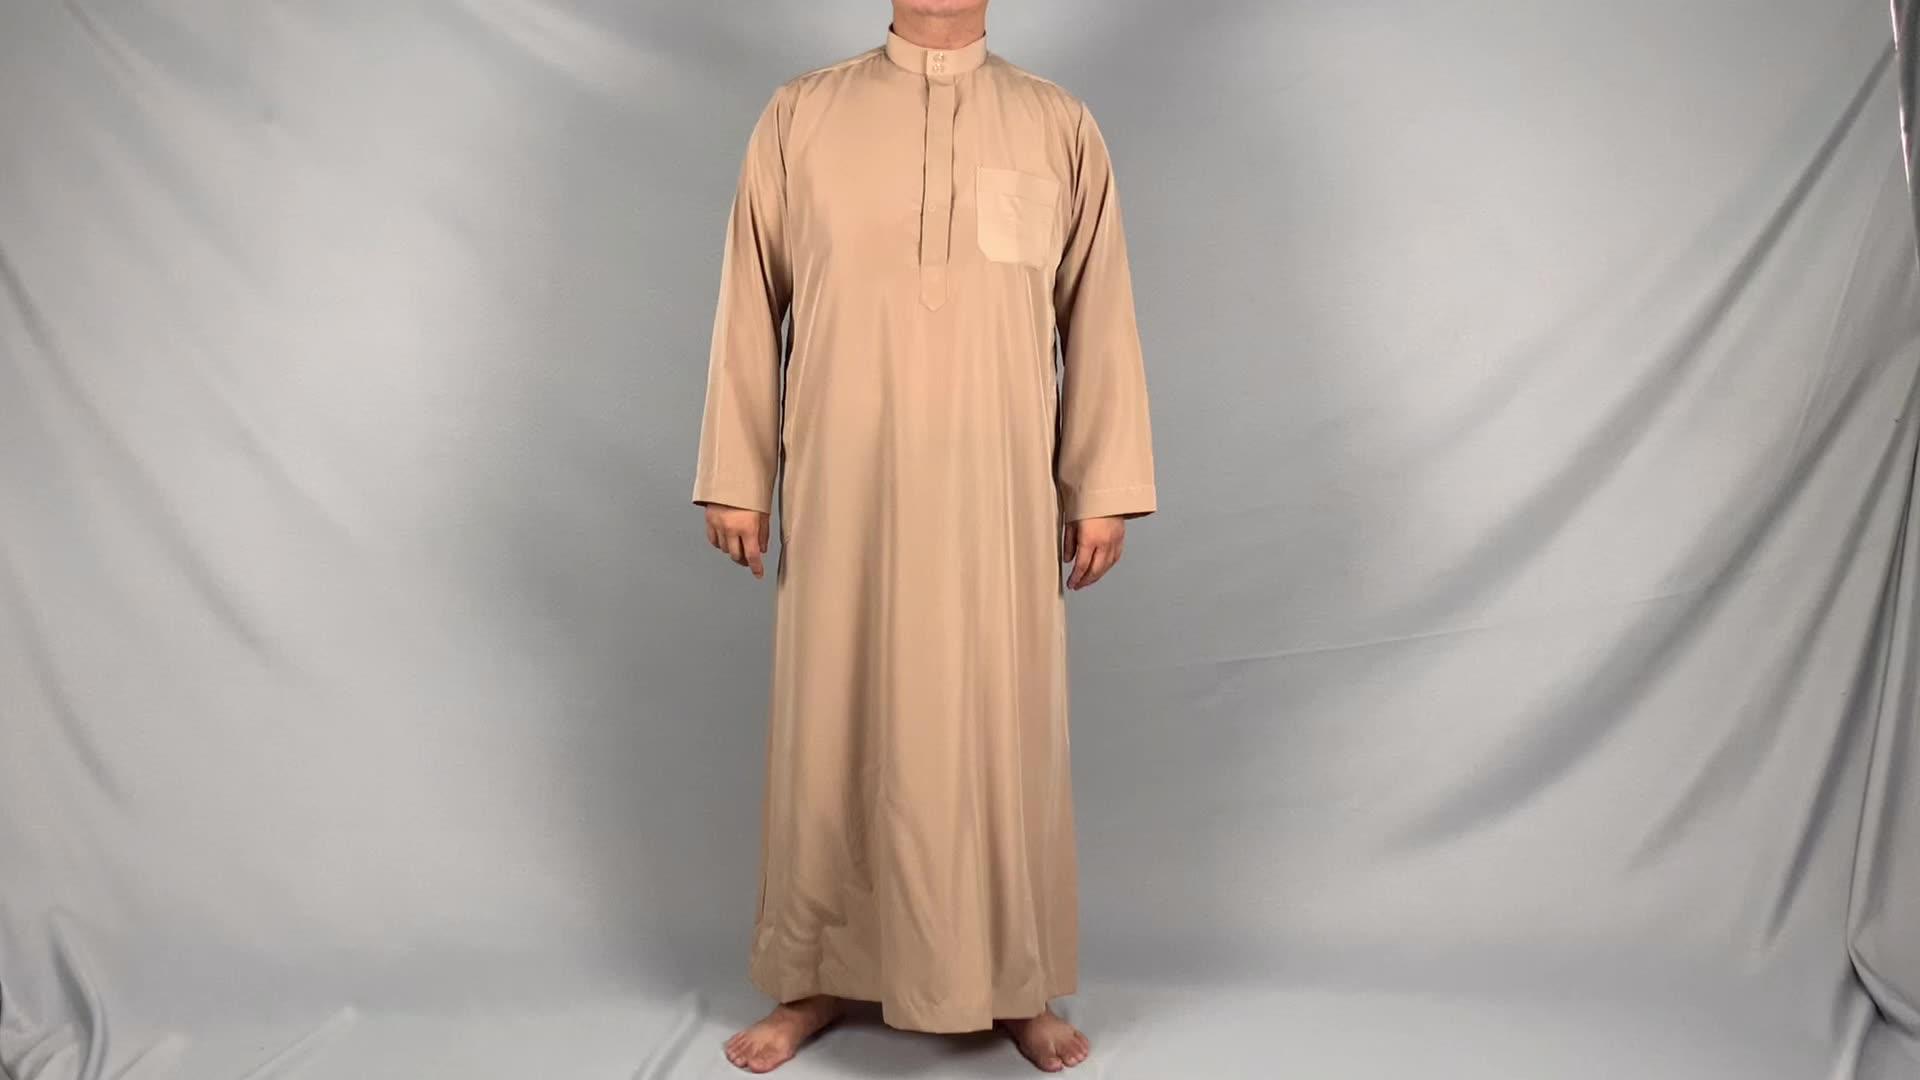 Commercio all'ingrosso degli uomini di qamis daffah di alta qualità marocchino djellaba, vestiti musulmani, ultimo burqa disegni